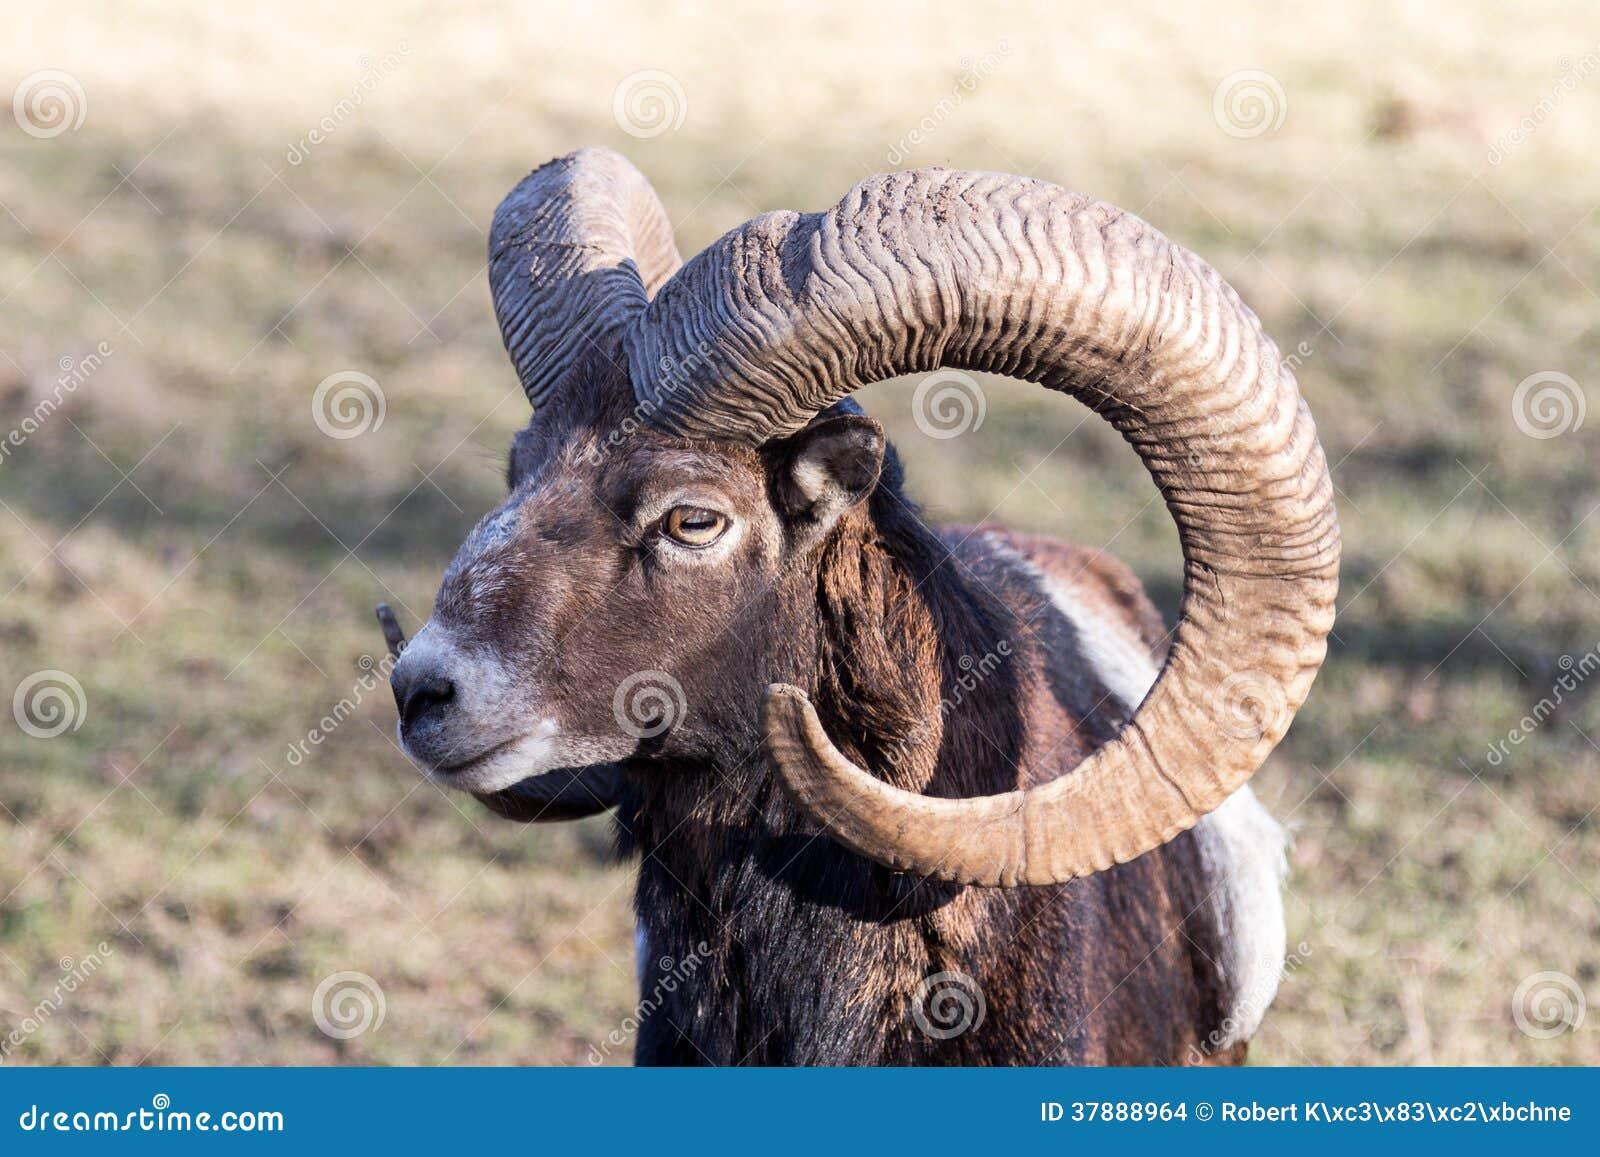 Europese Mouflon met Hoornen